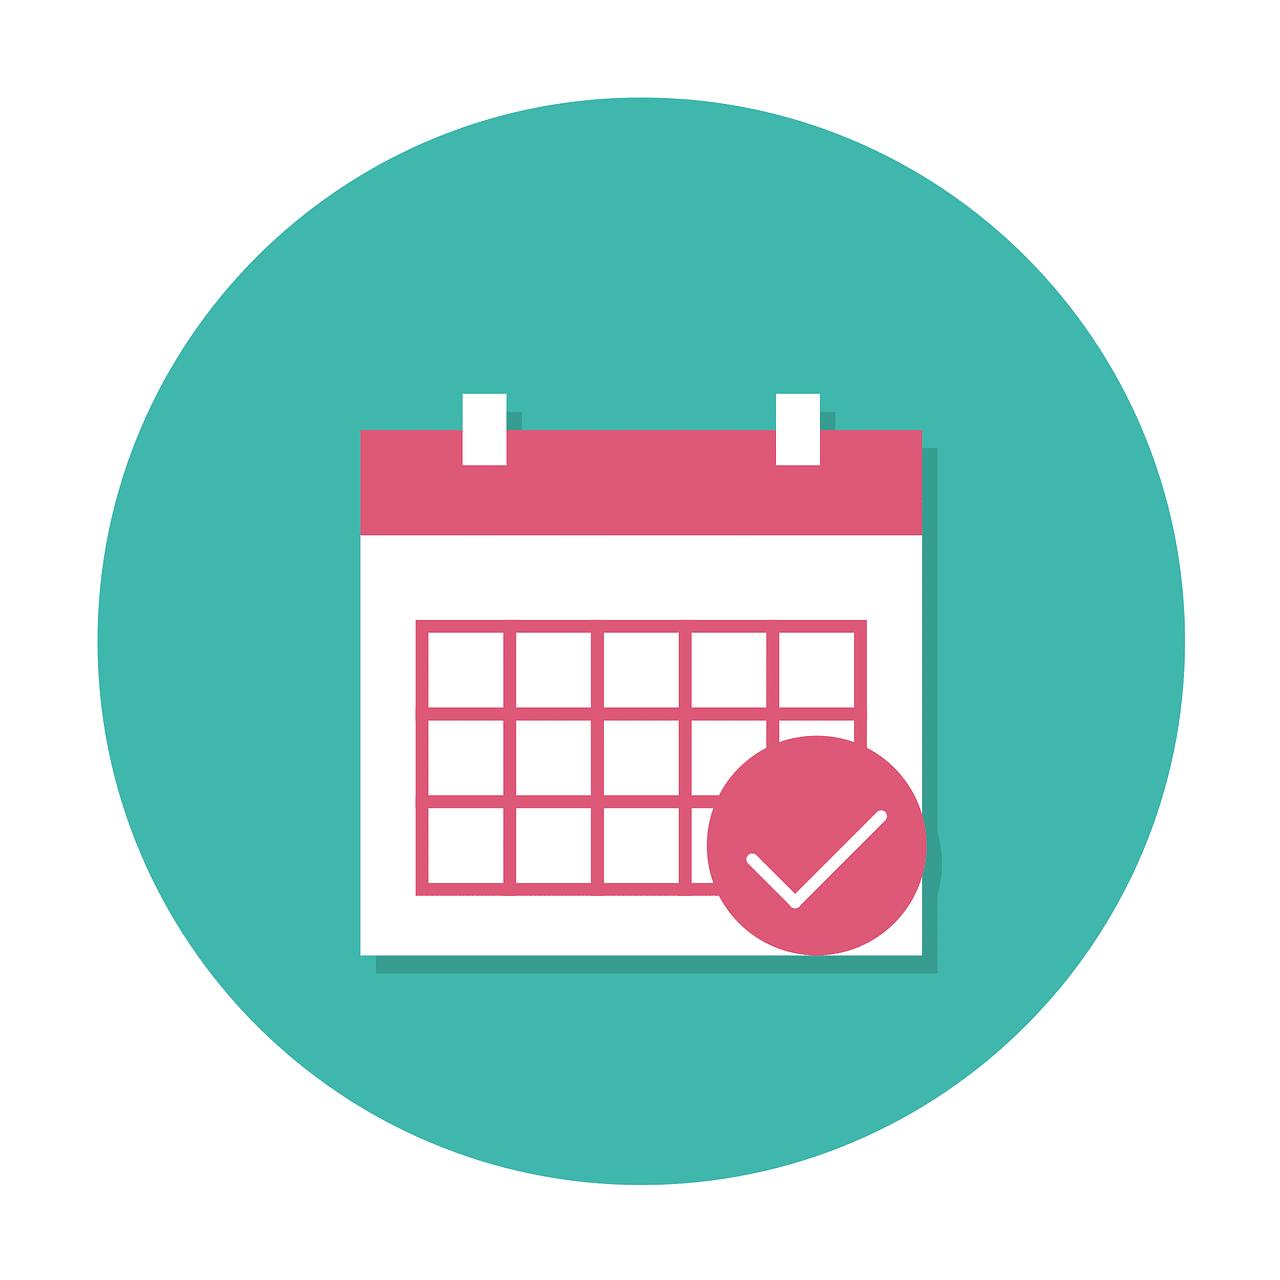 Illustrasjon av kalender. Foto: Pixabay